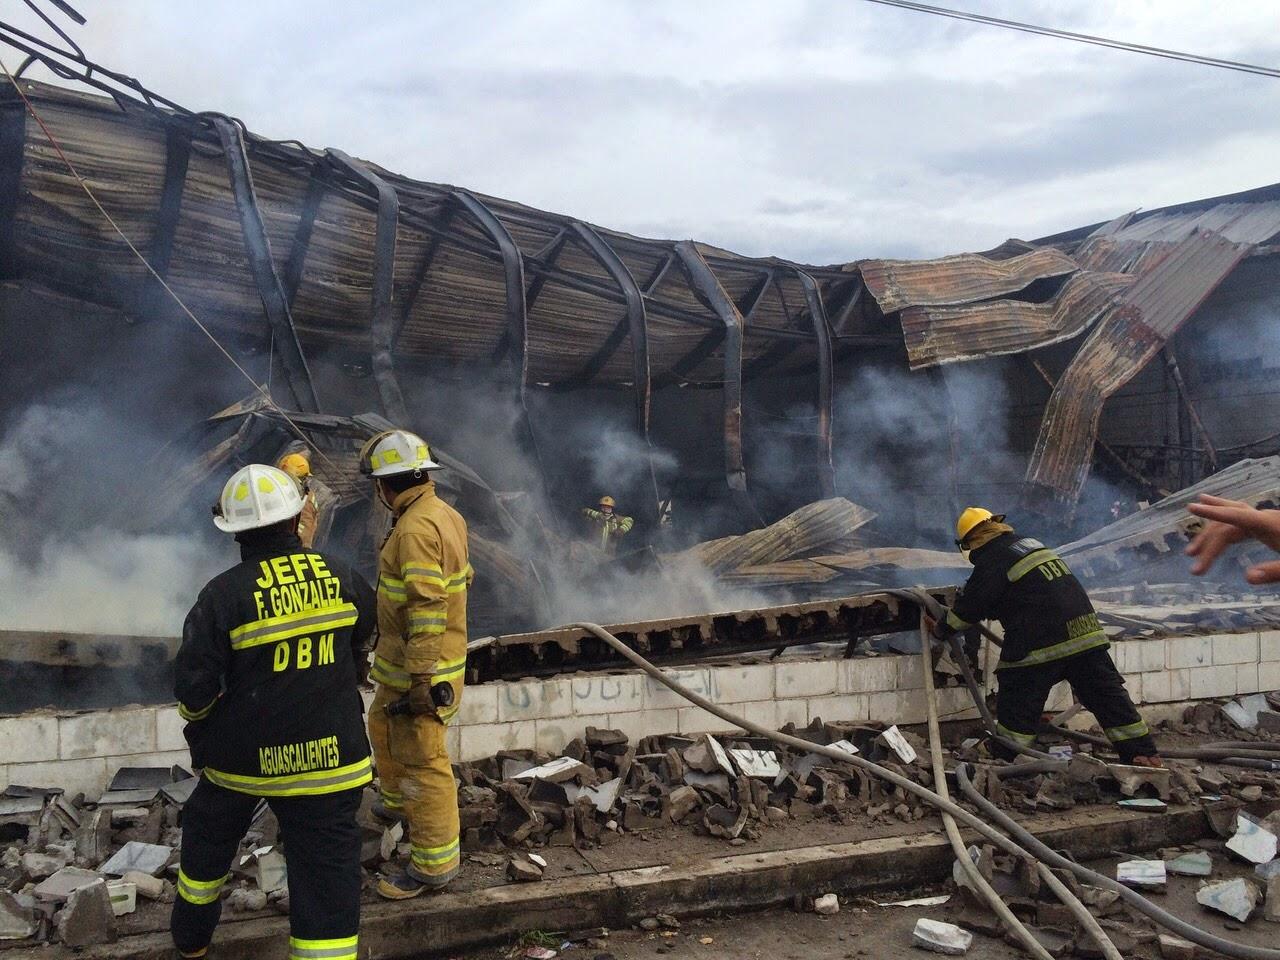 Aparatoso Incendio En Bodega De Muebles Excell Cortando Por Lozano # Muebles Excell Aguascalientes